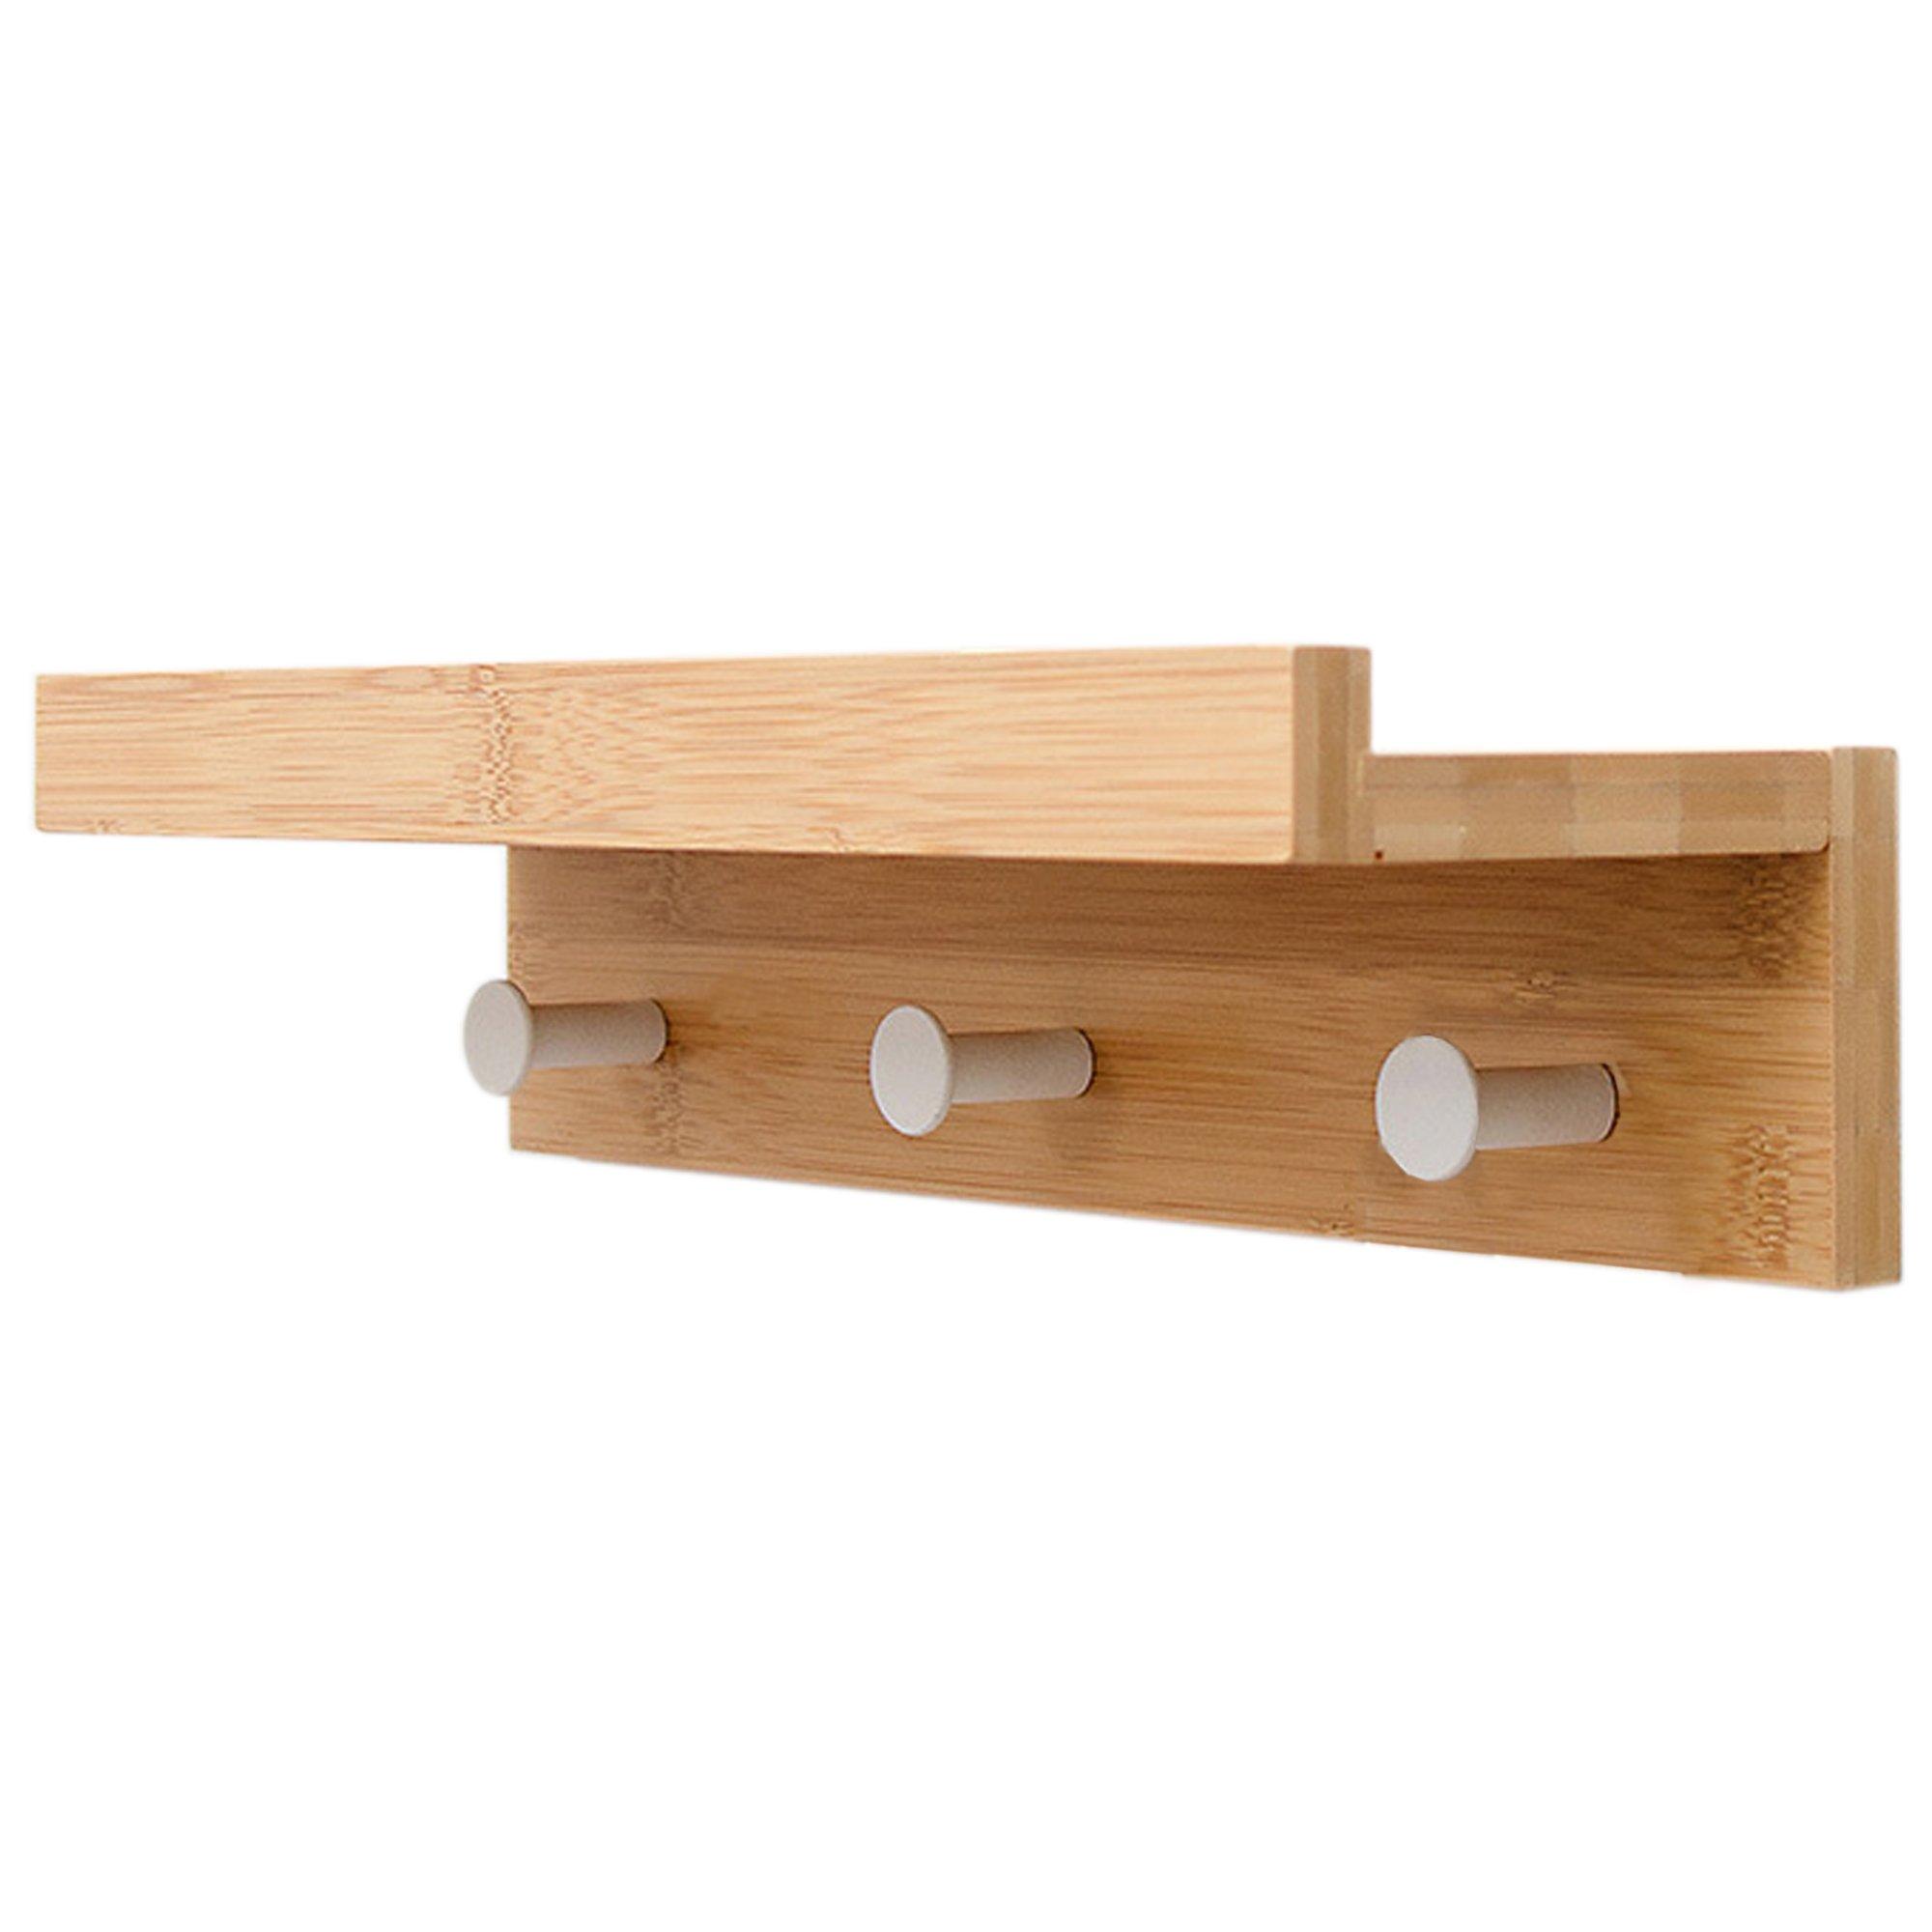 Bamboo Floating Shelf with Hooks